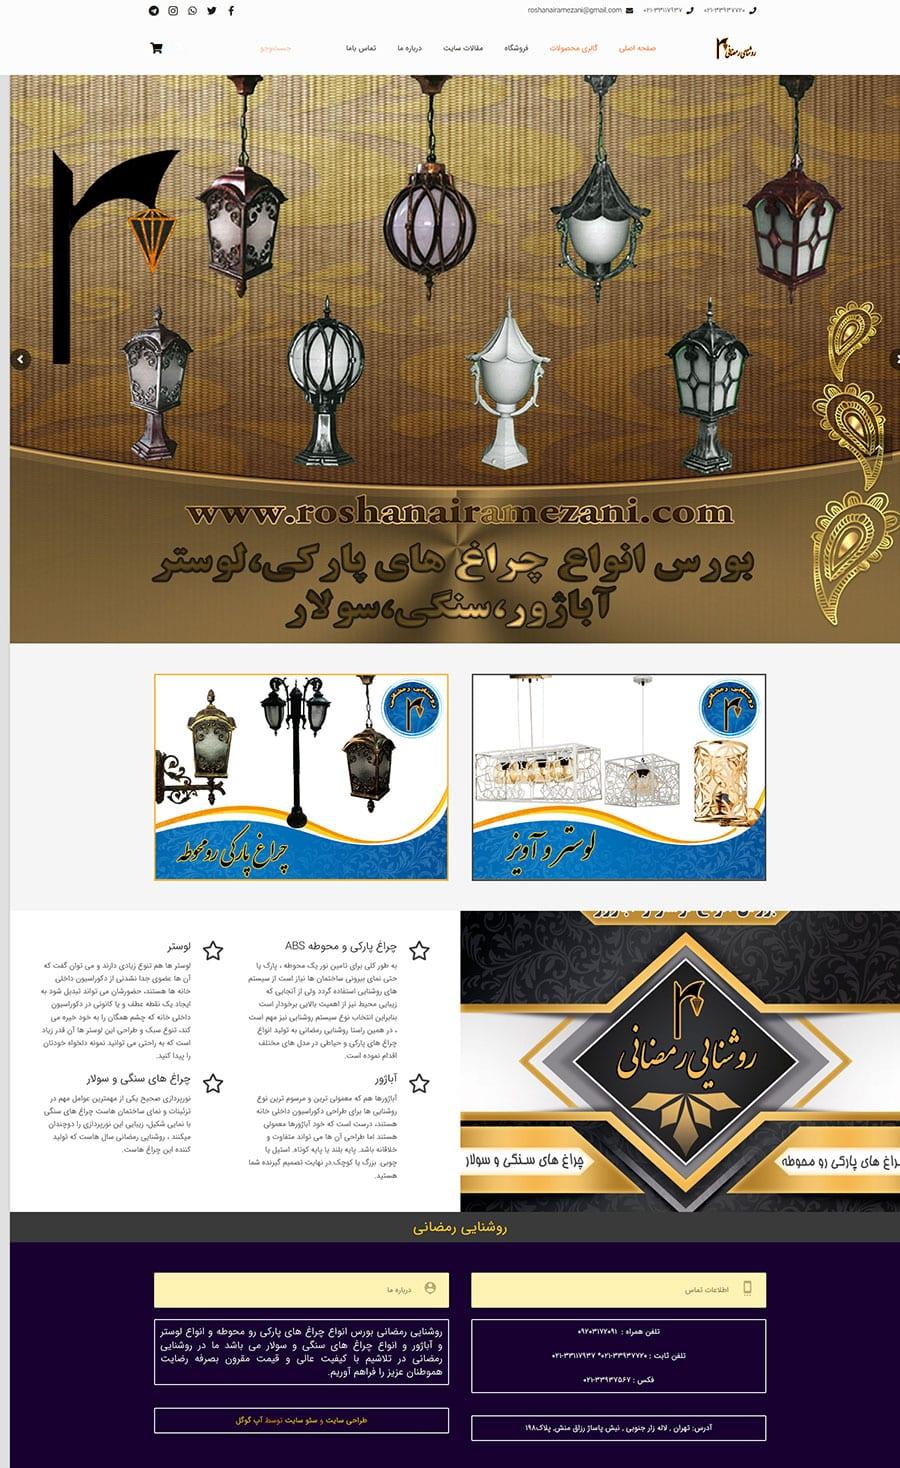 طراحی سایت روشنایی رمضانی